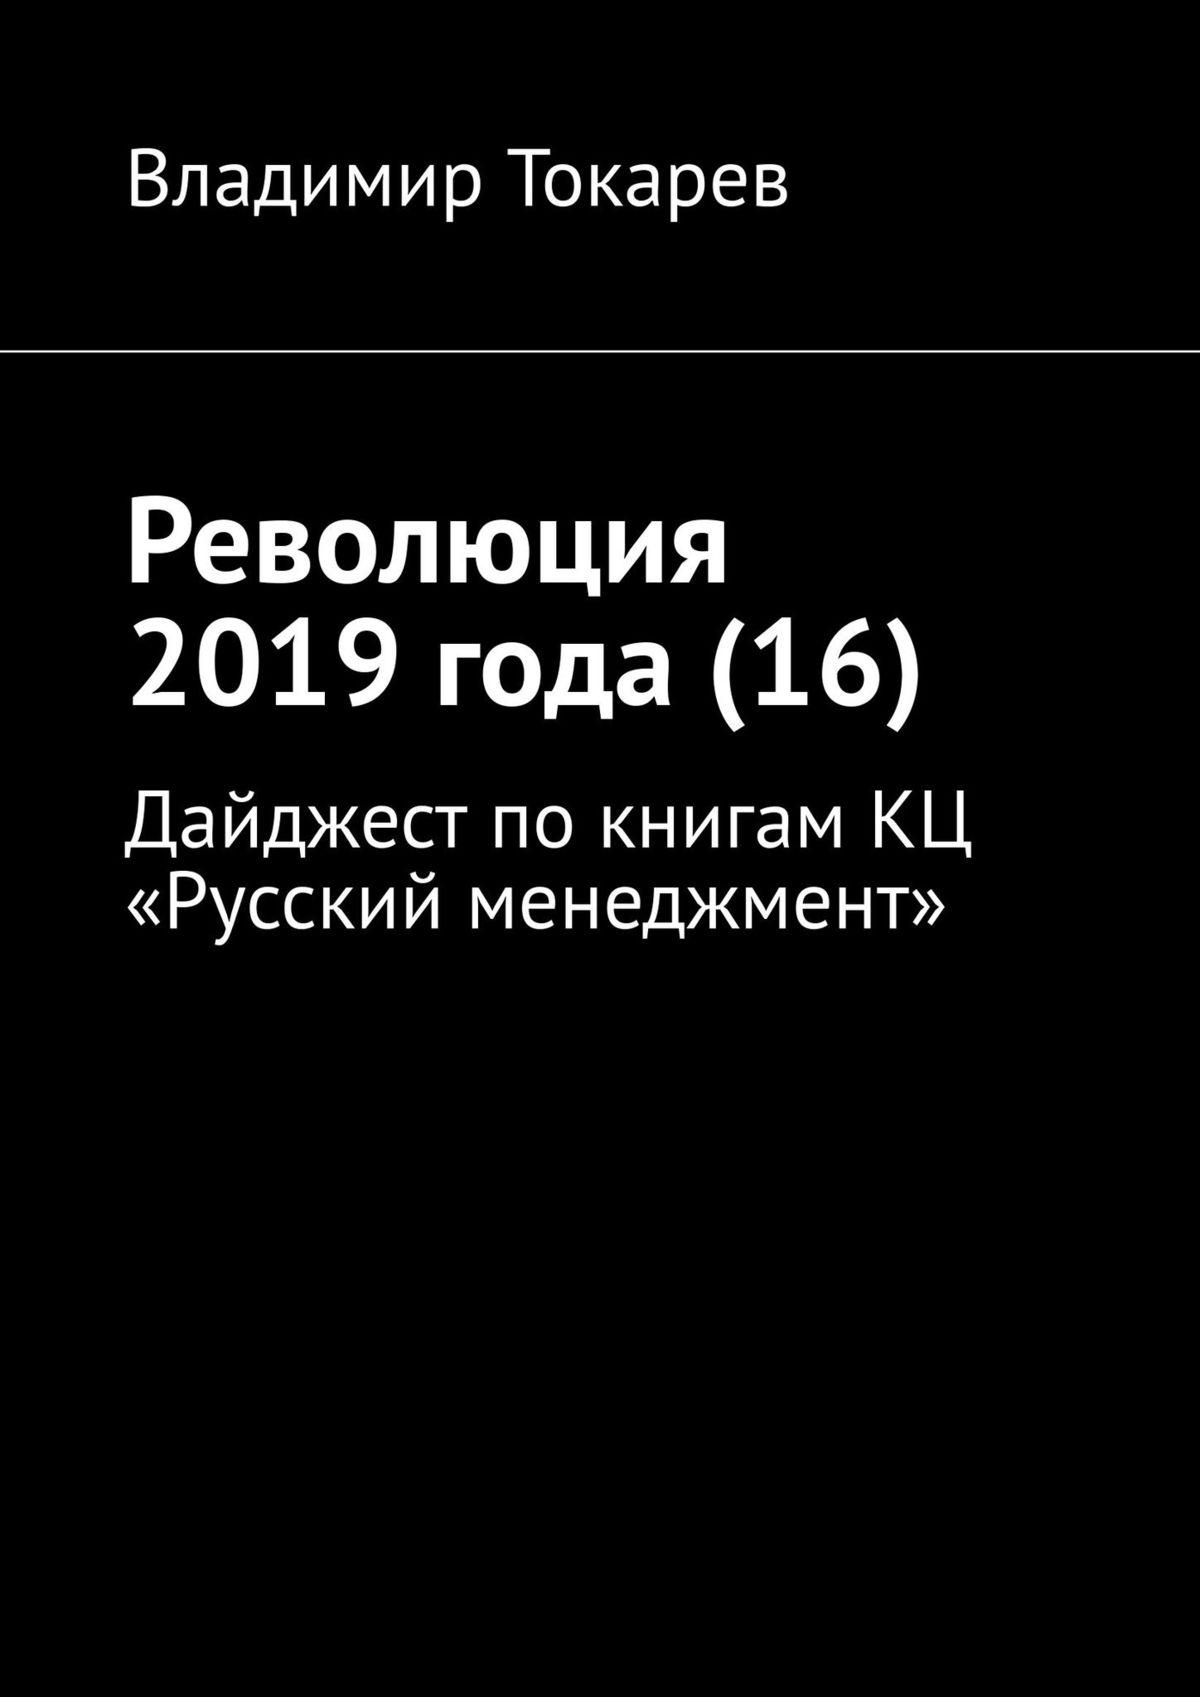 Революция 2019года (16). Дайджест покнигам КЦ «Русский менеджмент»